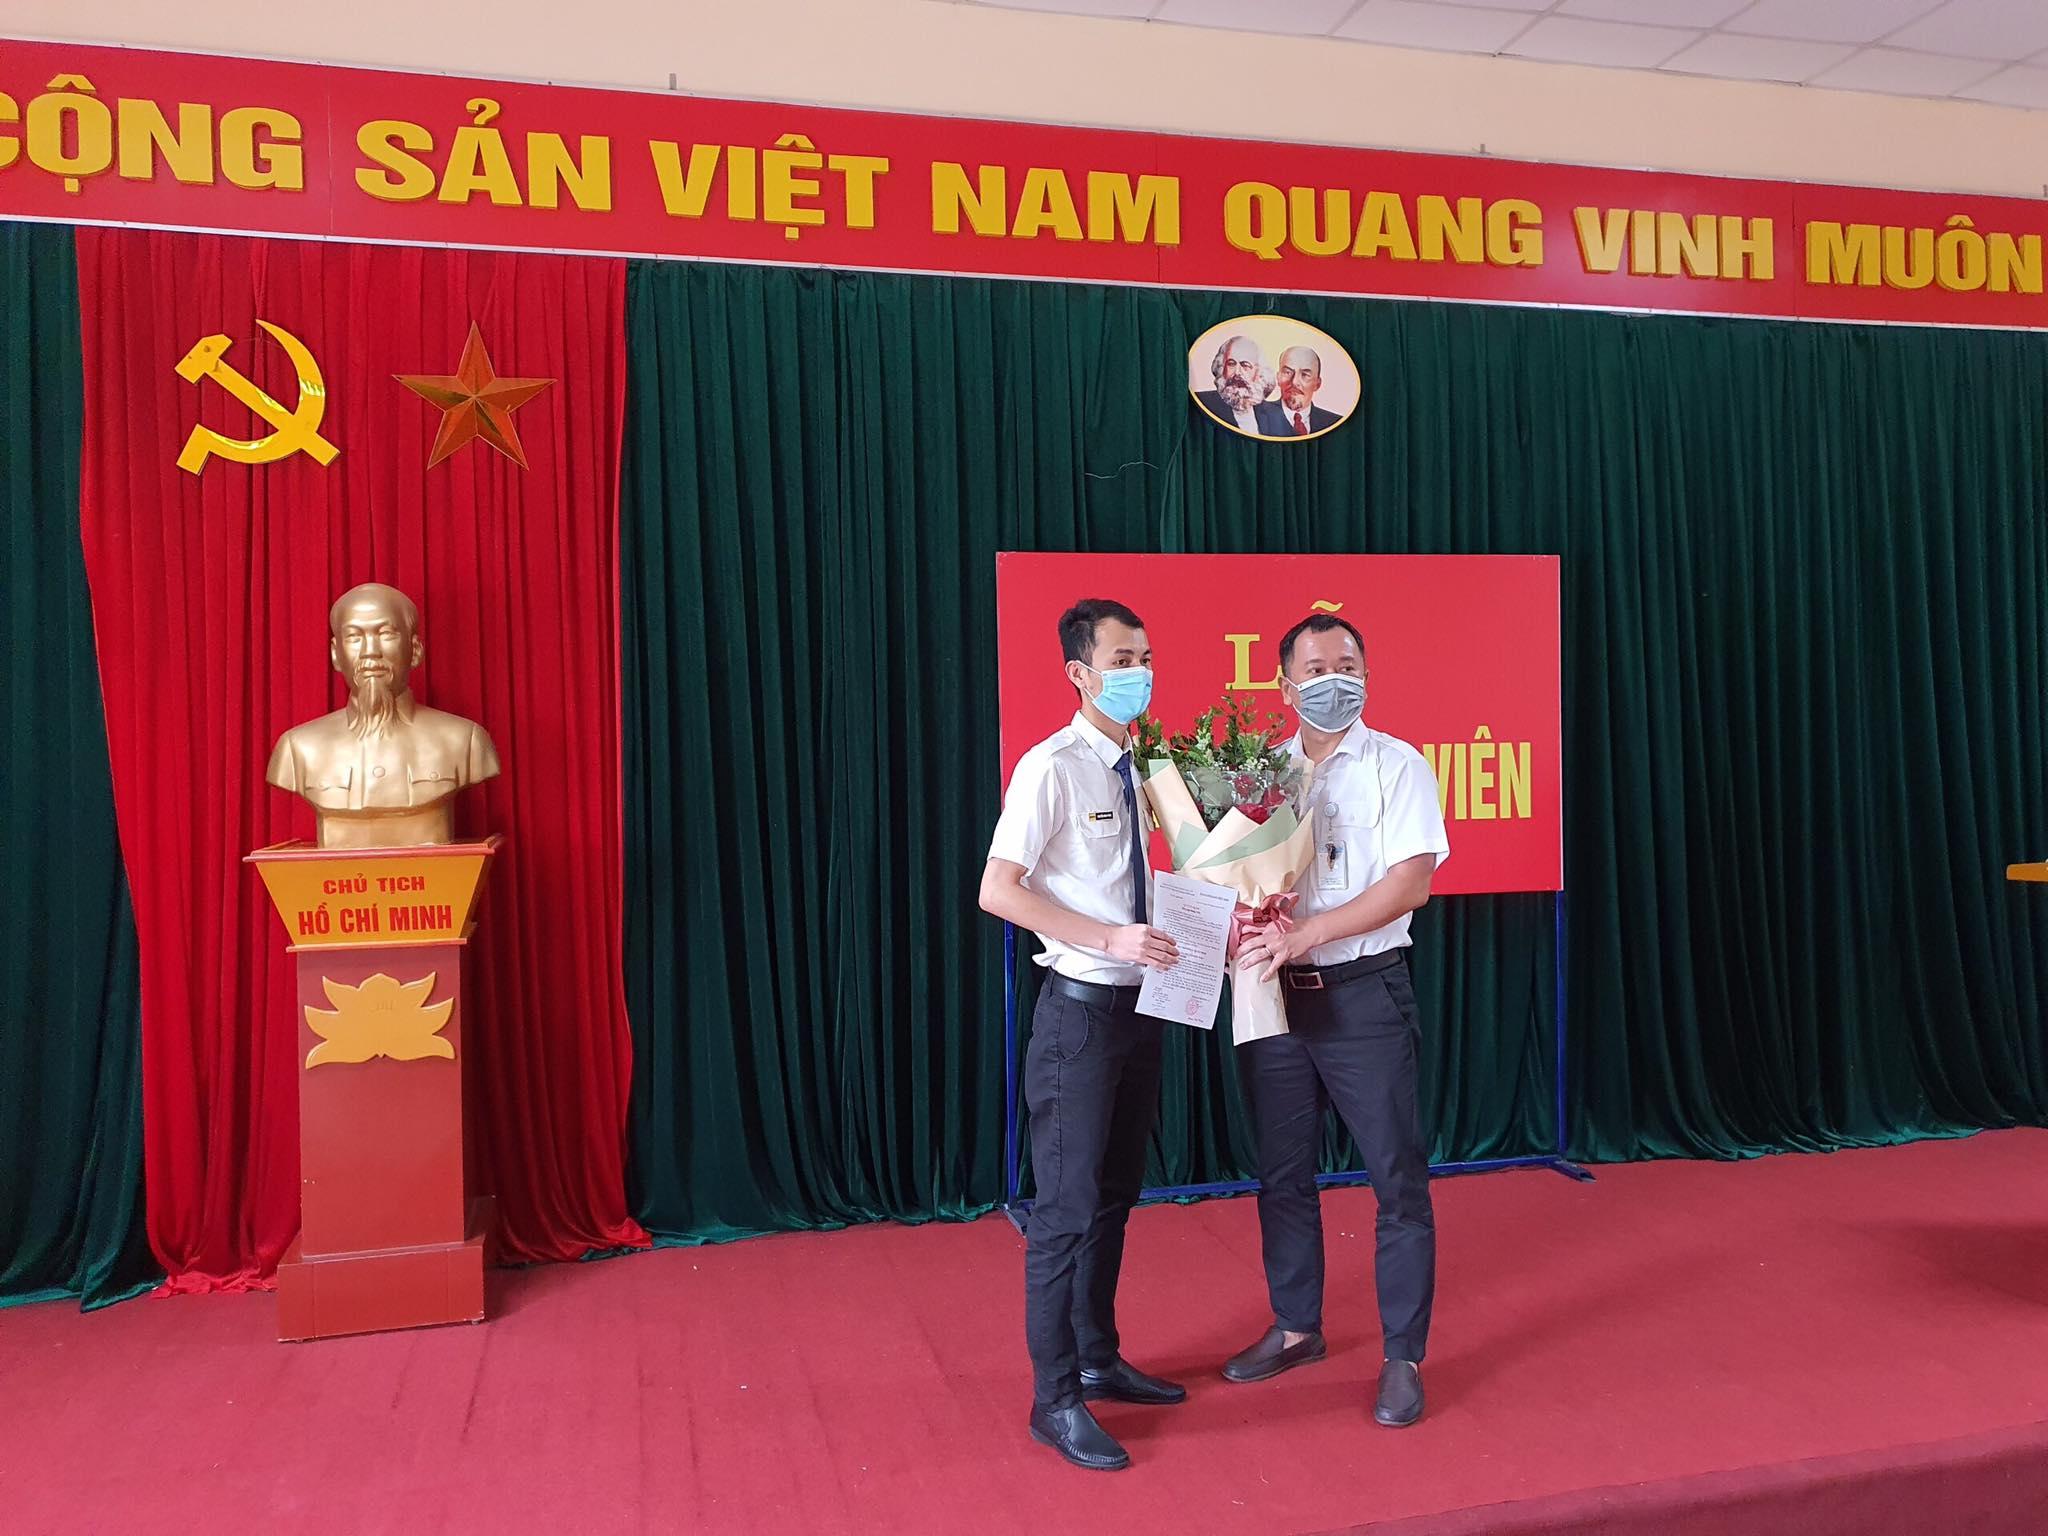 Các chi bộ trực thuộc Đảng bộ bộ phận Trung tâm kiểm soát Tiếp cận – Tại sân Nội Bài tổ chức Lễ kết nạp đảng viên mới